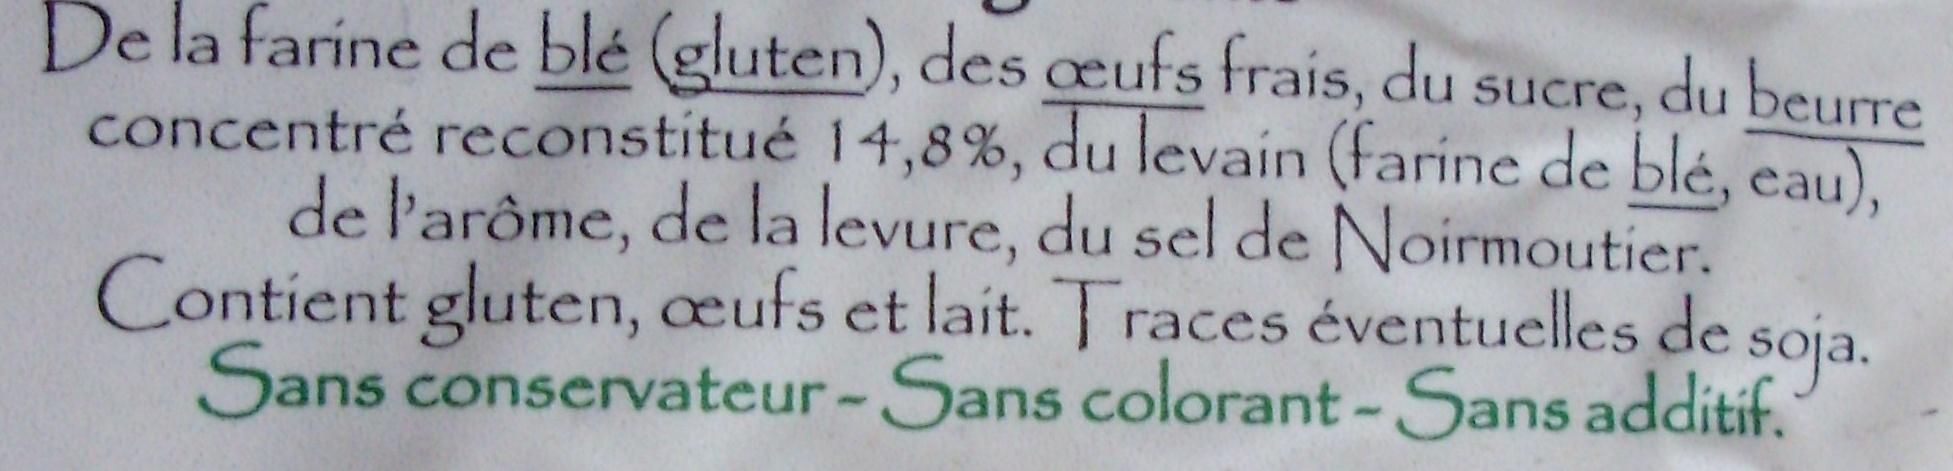 Brioche Vendéenne - Ingrédients